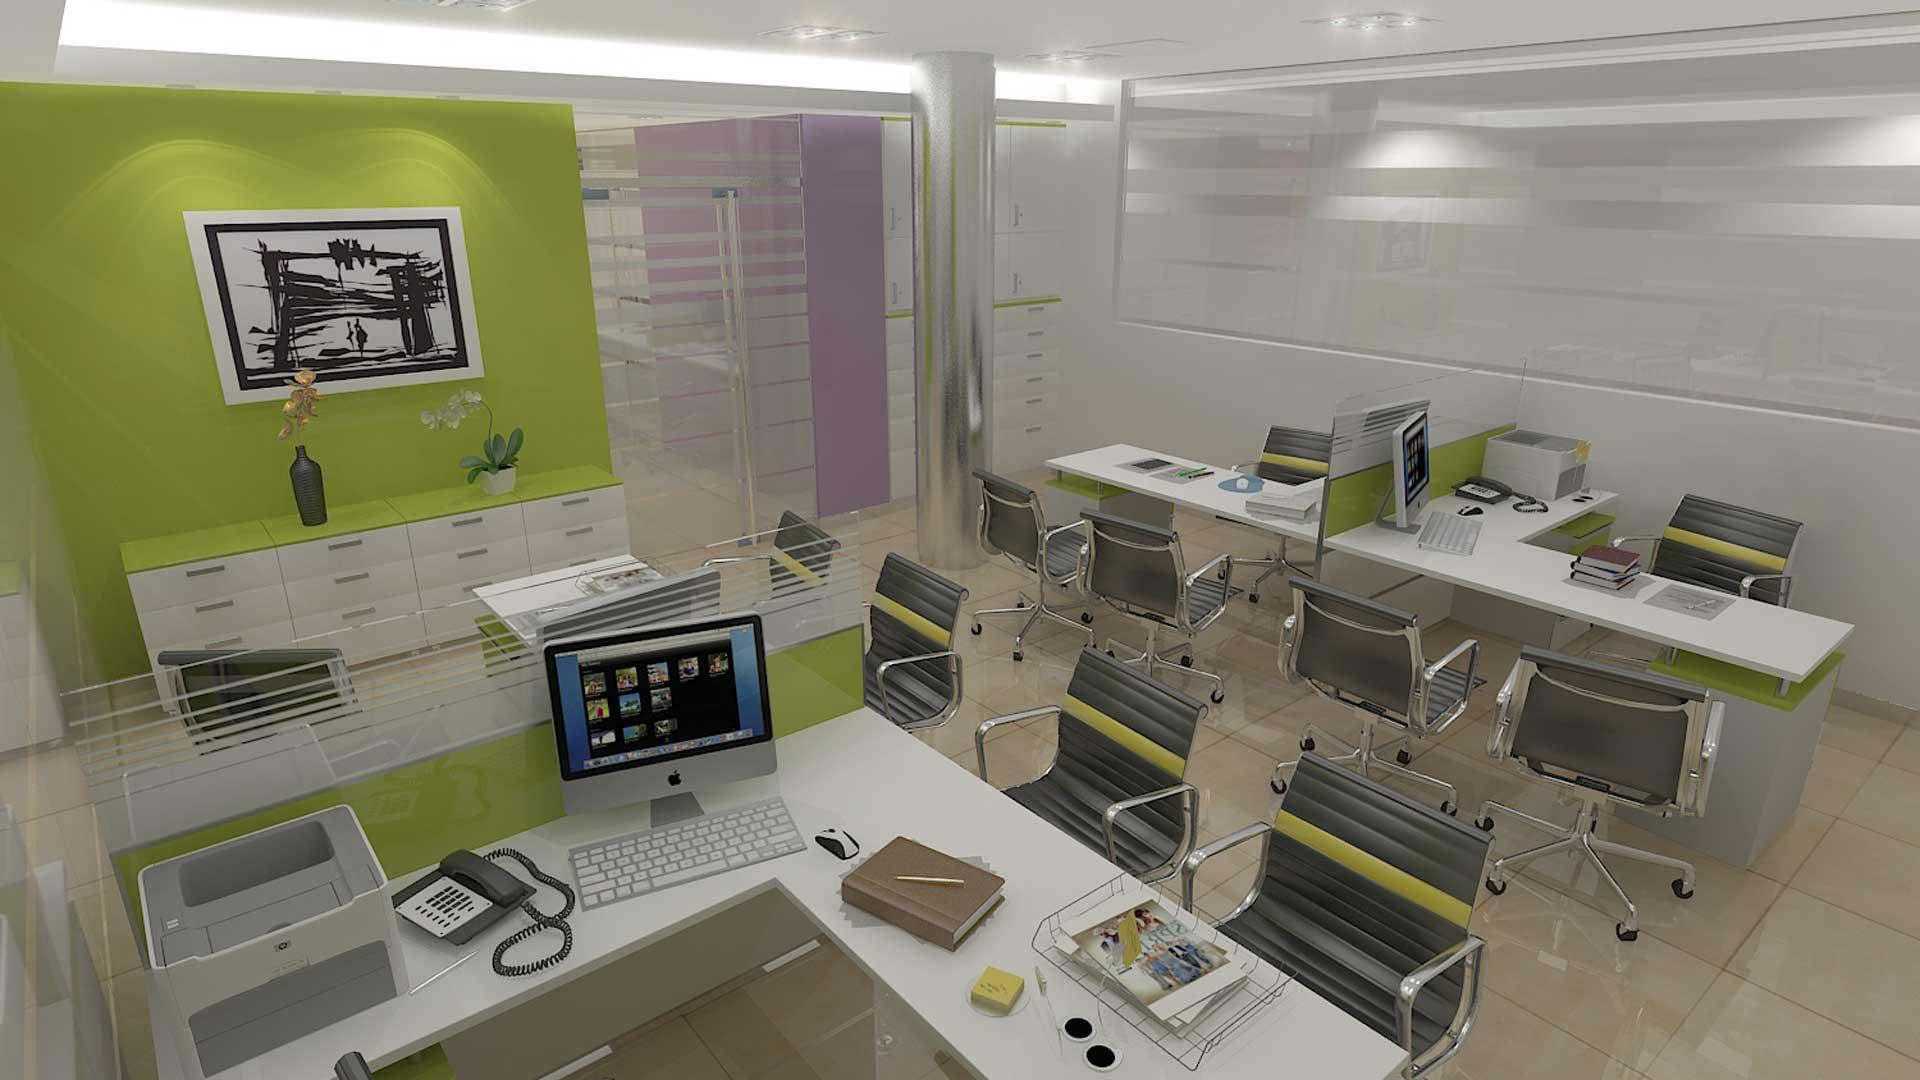 Renders 3D Arquitectura  Renders 101-OSECAC-camara-4-B